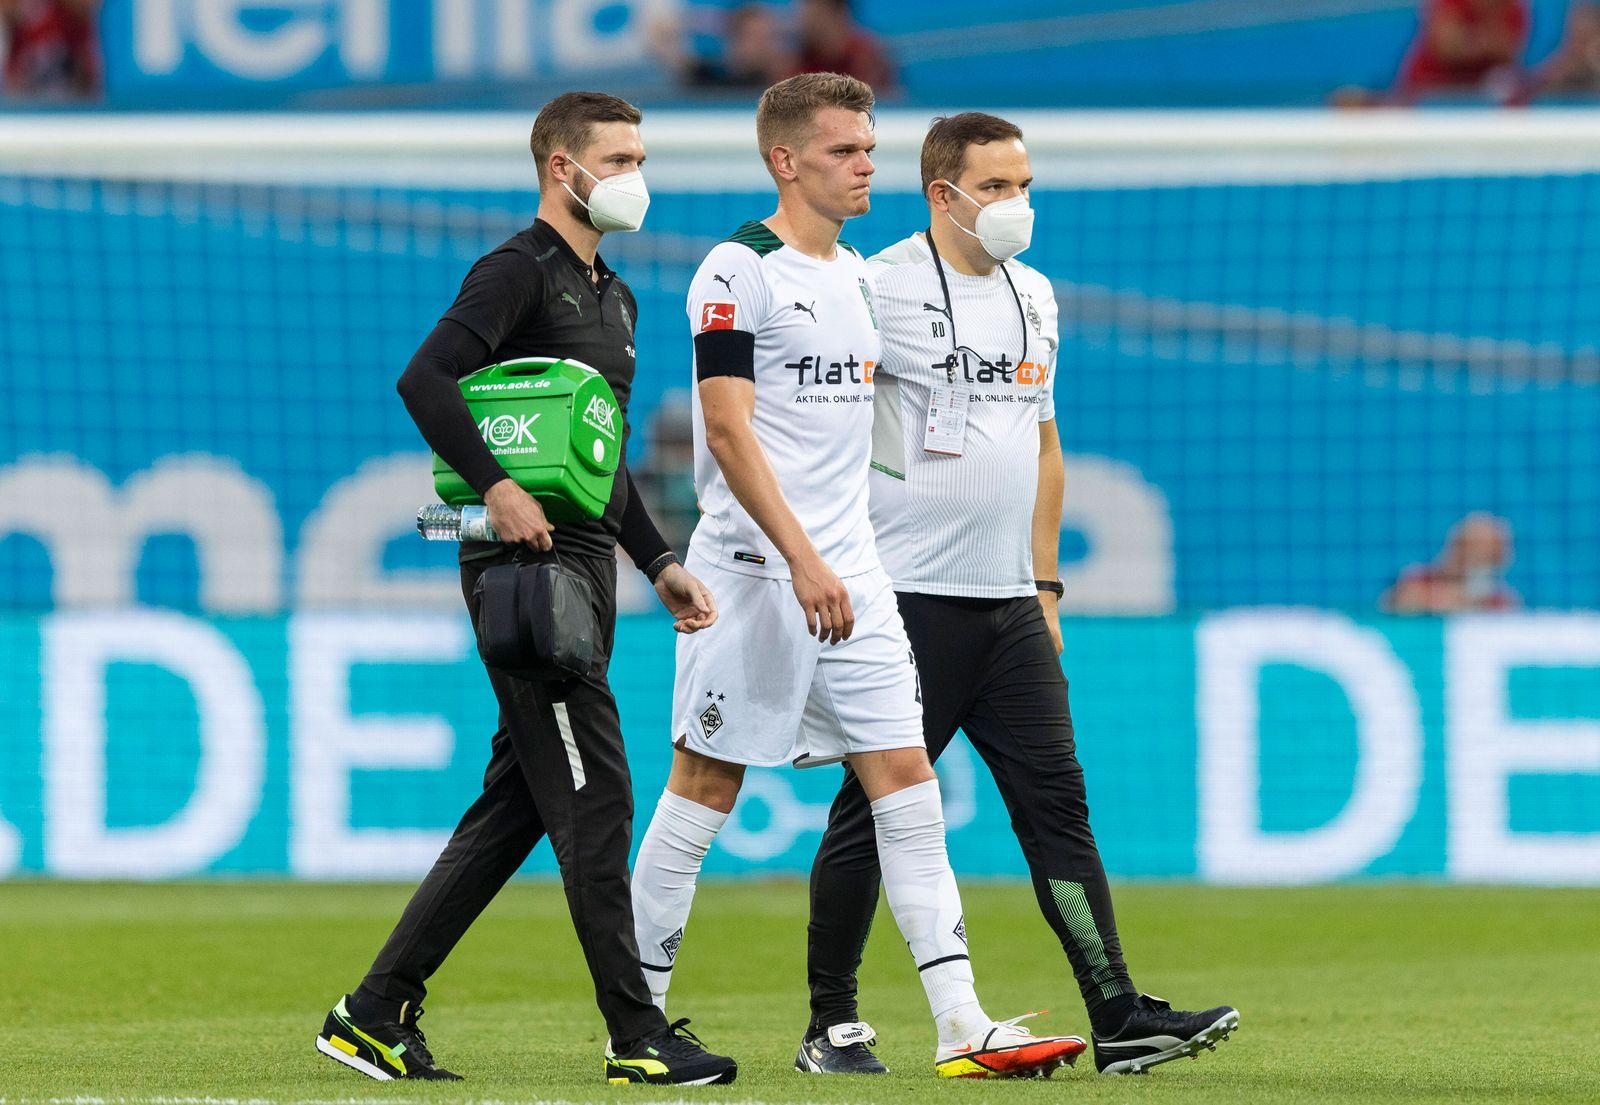 Matthias Ginter (BMG) muss verletzt ausgewechselt werden Bayer Leverkusen - Borussia Mönchengladbach 21.08.2021, Fussba